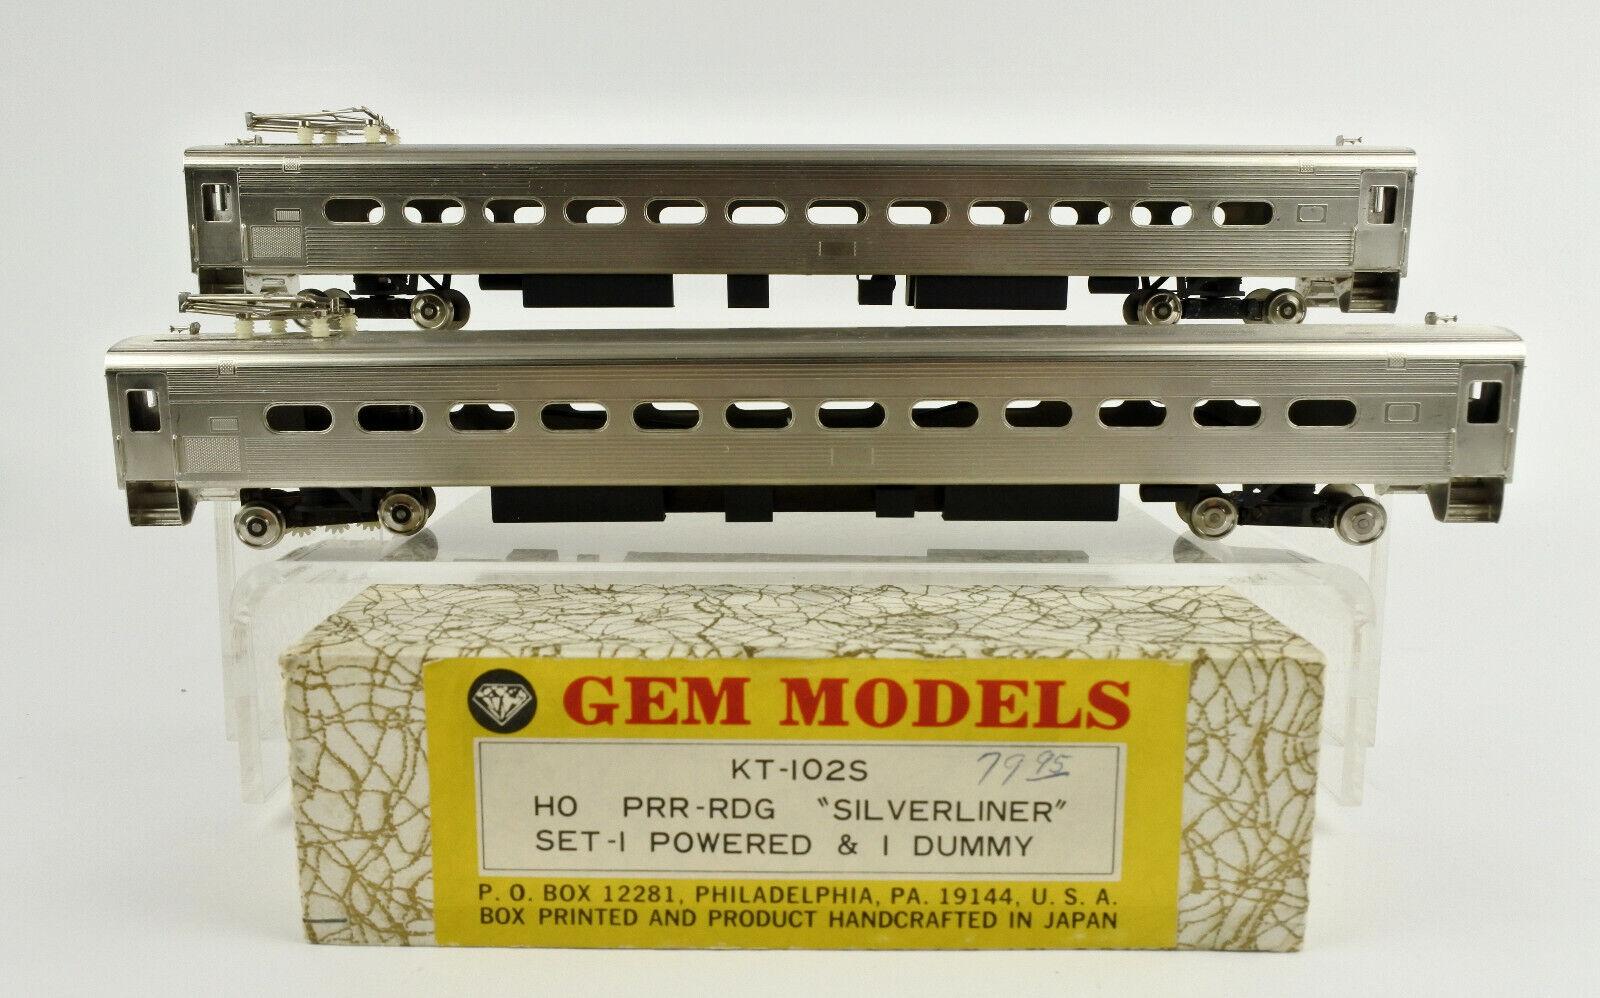 GEM modellololi scala HO KT102S PRRRDG argenstrumentoiner energiaosso & Dummy Set